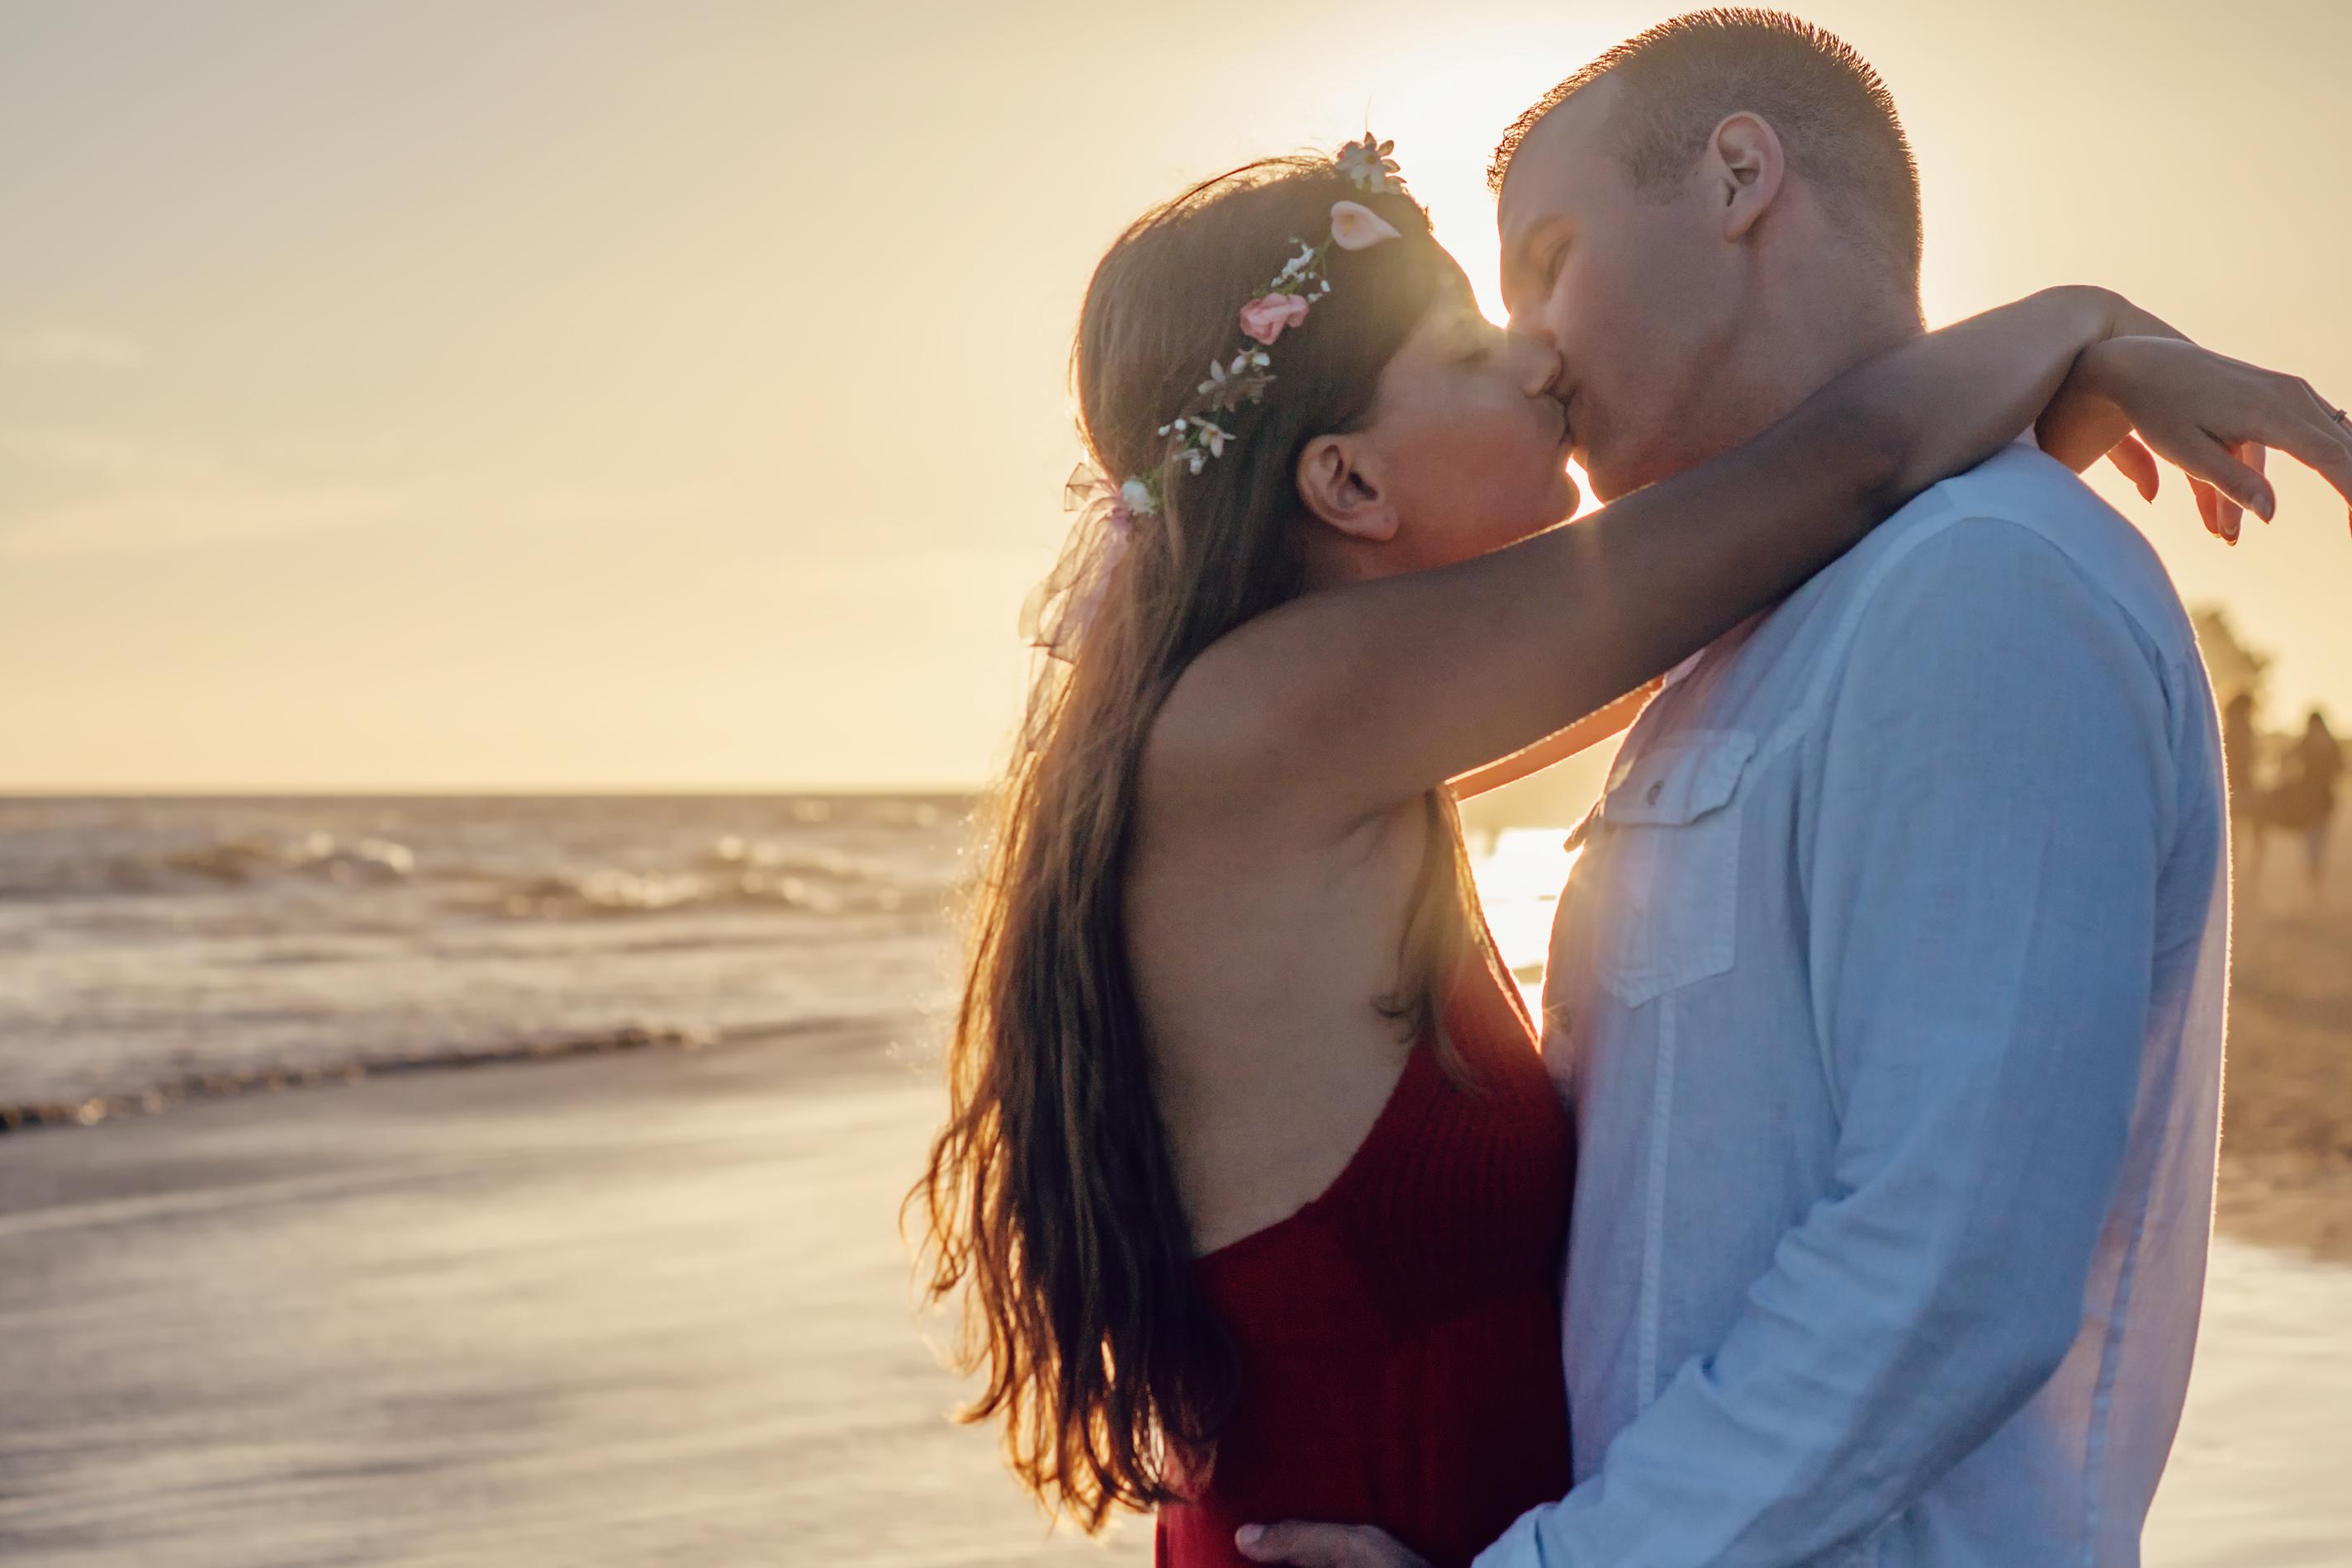 بالصور صور حب رومنسي , شاهد بالصور المشاعر الجياشة فى الحب